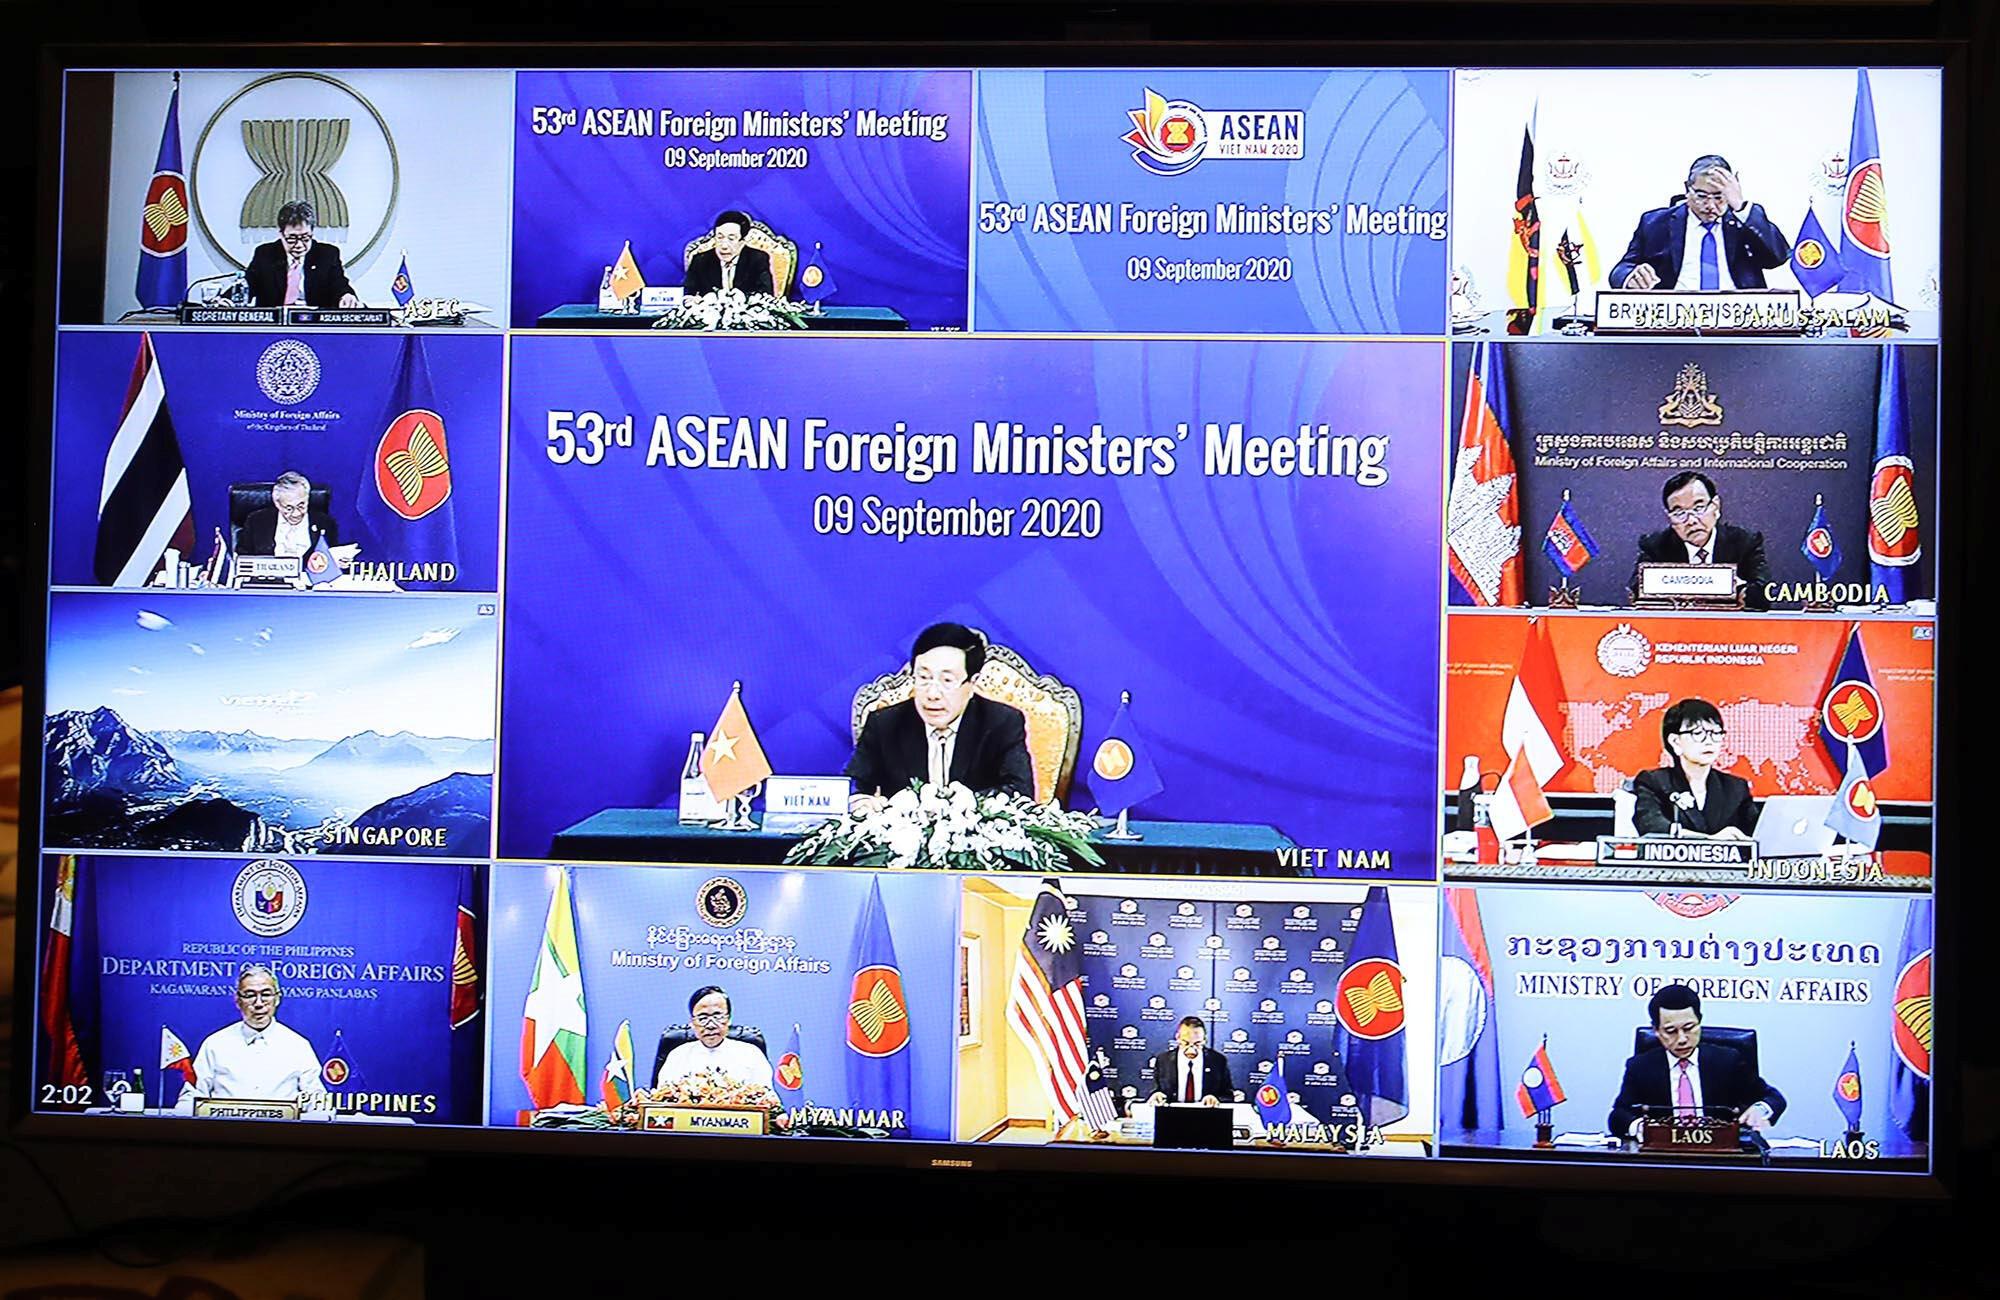 2020-09-09T042540Z_1916985298_RC2SUI9JL6WS_RTRMADP_3_ASEAN-SUMMIT